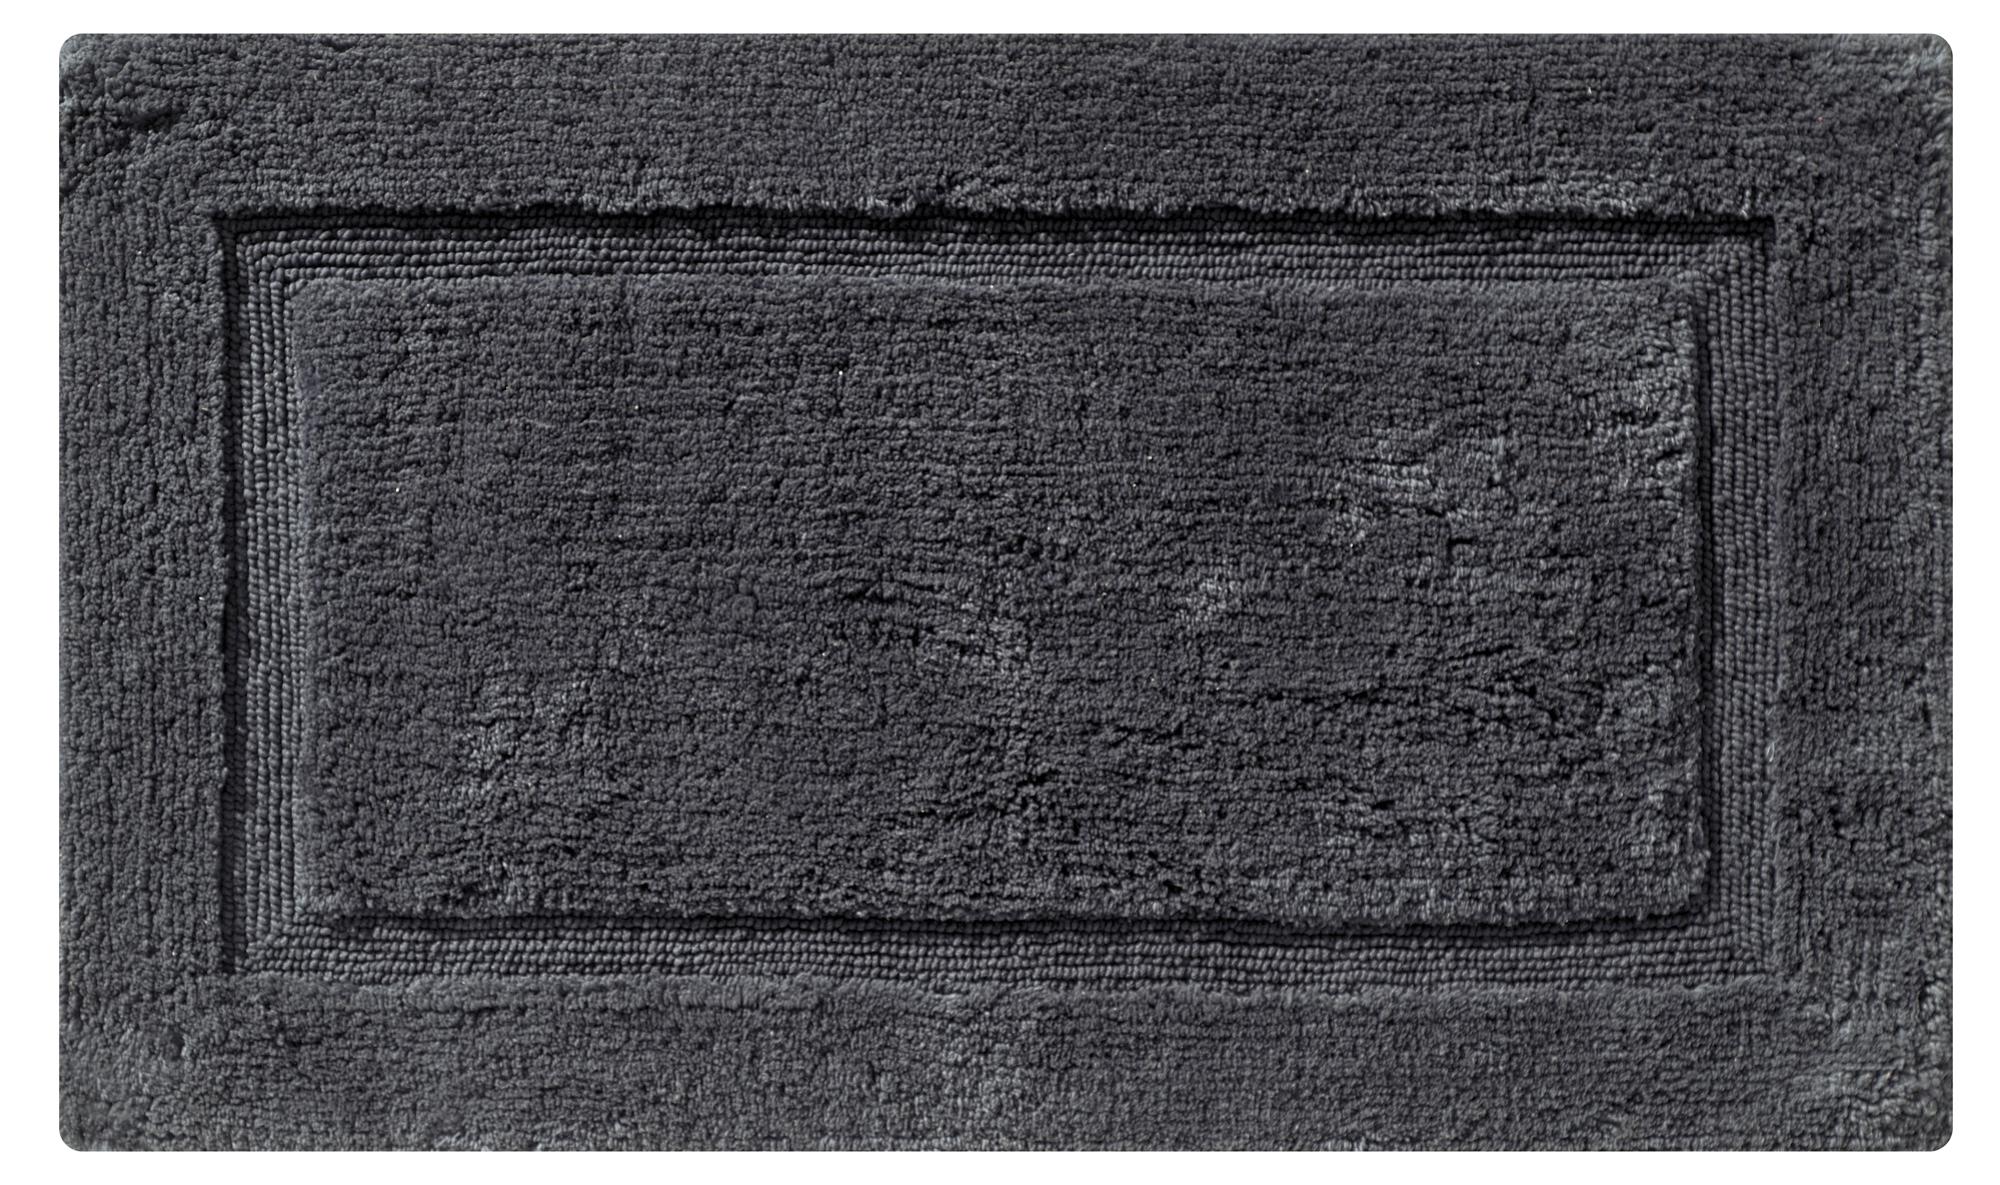 ΤΑΠΕΤΟ ΜΠΑΝΙΟΥ ΒΑΜΒ.50Χ80 BORDER ΑΝΘΡΑΚΙ